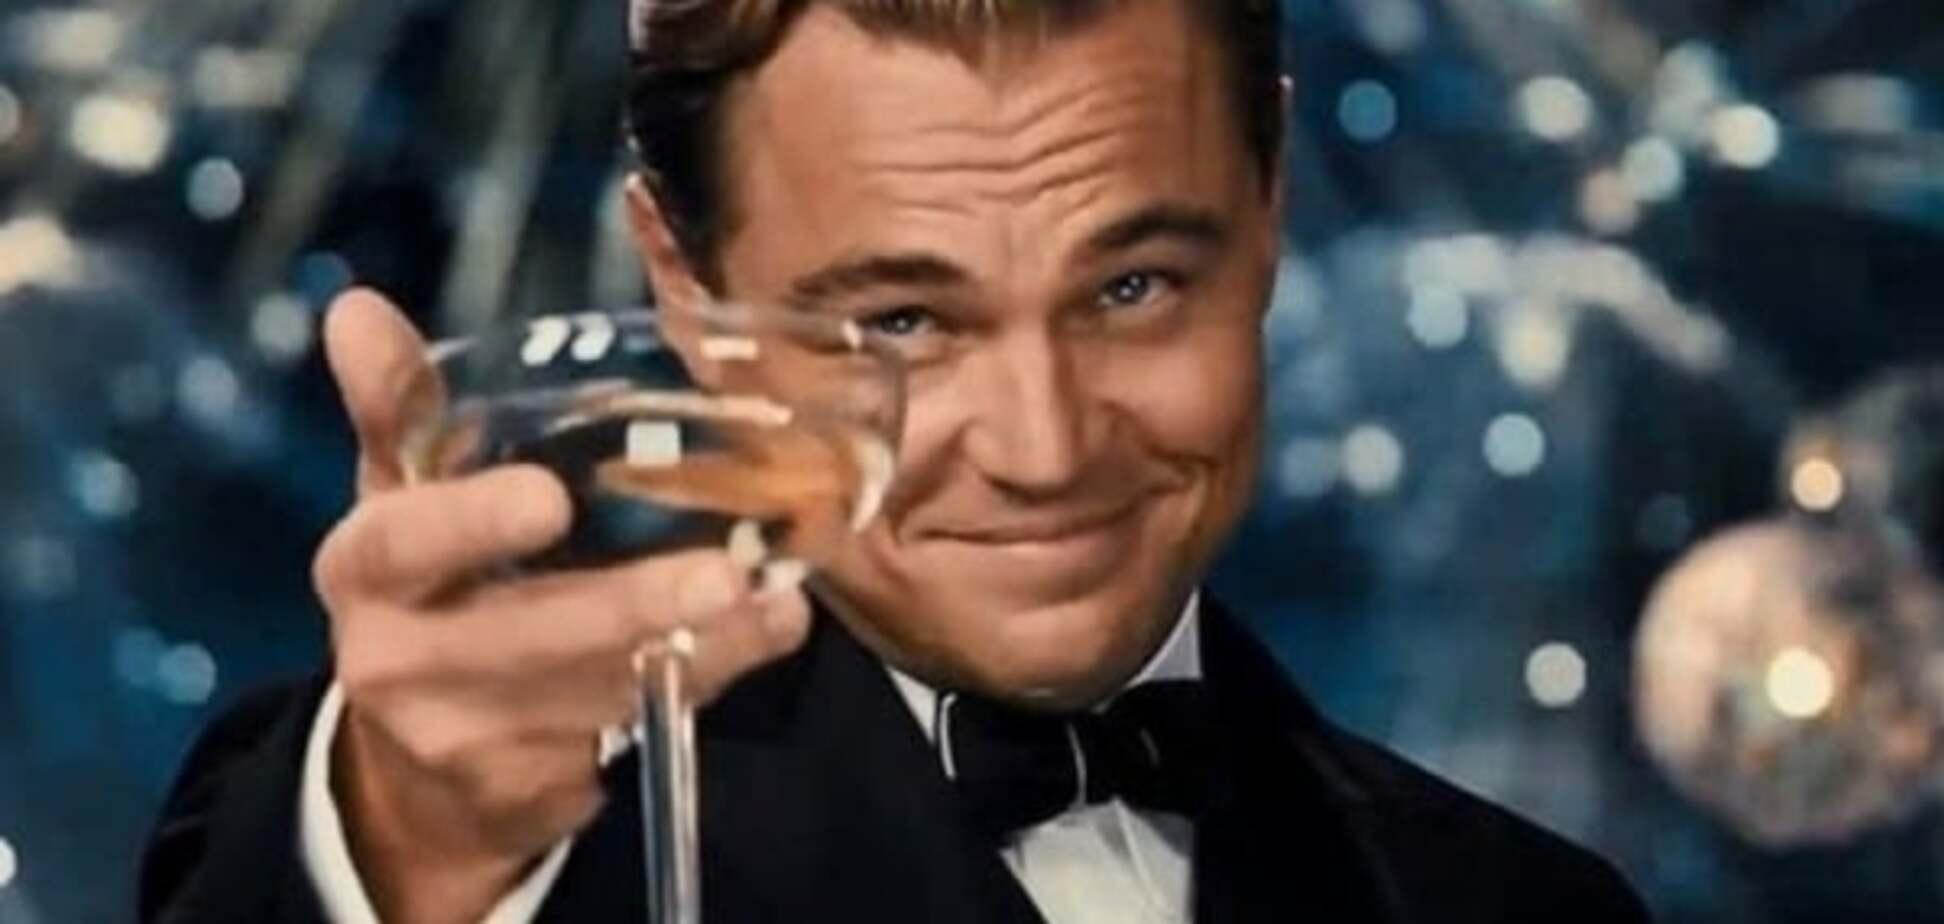 'Оскар 2016': шоста спроба Леонардо ДіКапріо може завершитися довгоочікуваним успіхом